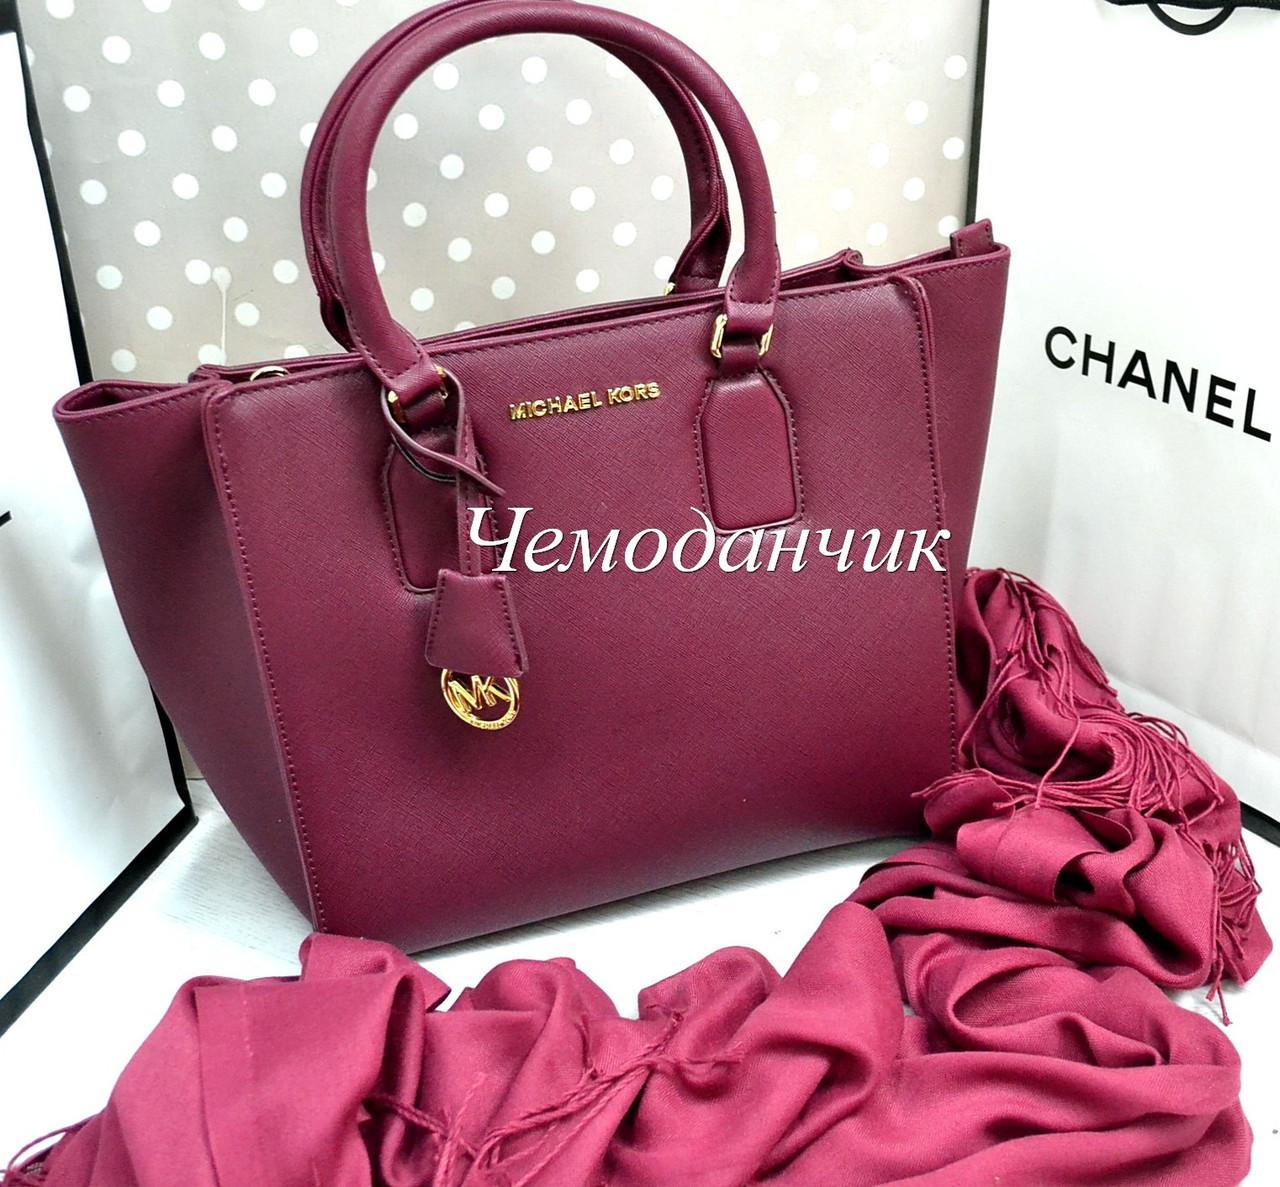 41eaa1e934d9 Сумка Майкл Корс 12 - ЧЕМОДАНЧИК - самые красивые сумочки по самой приятной  цене! в